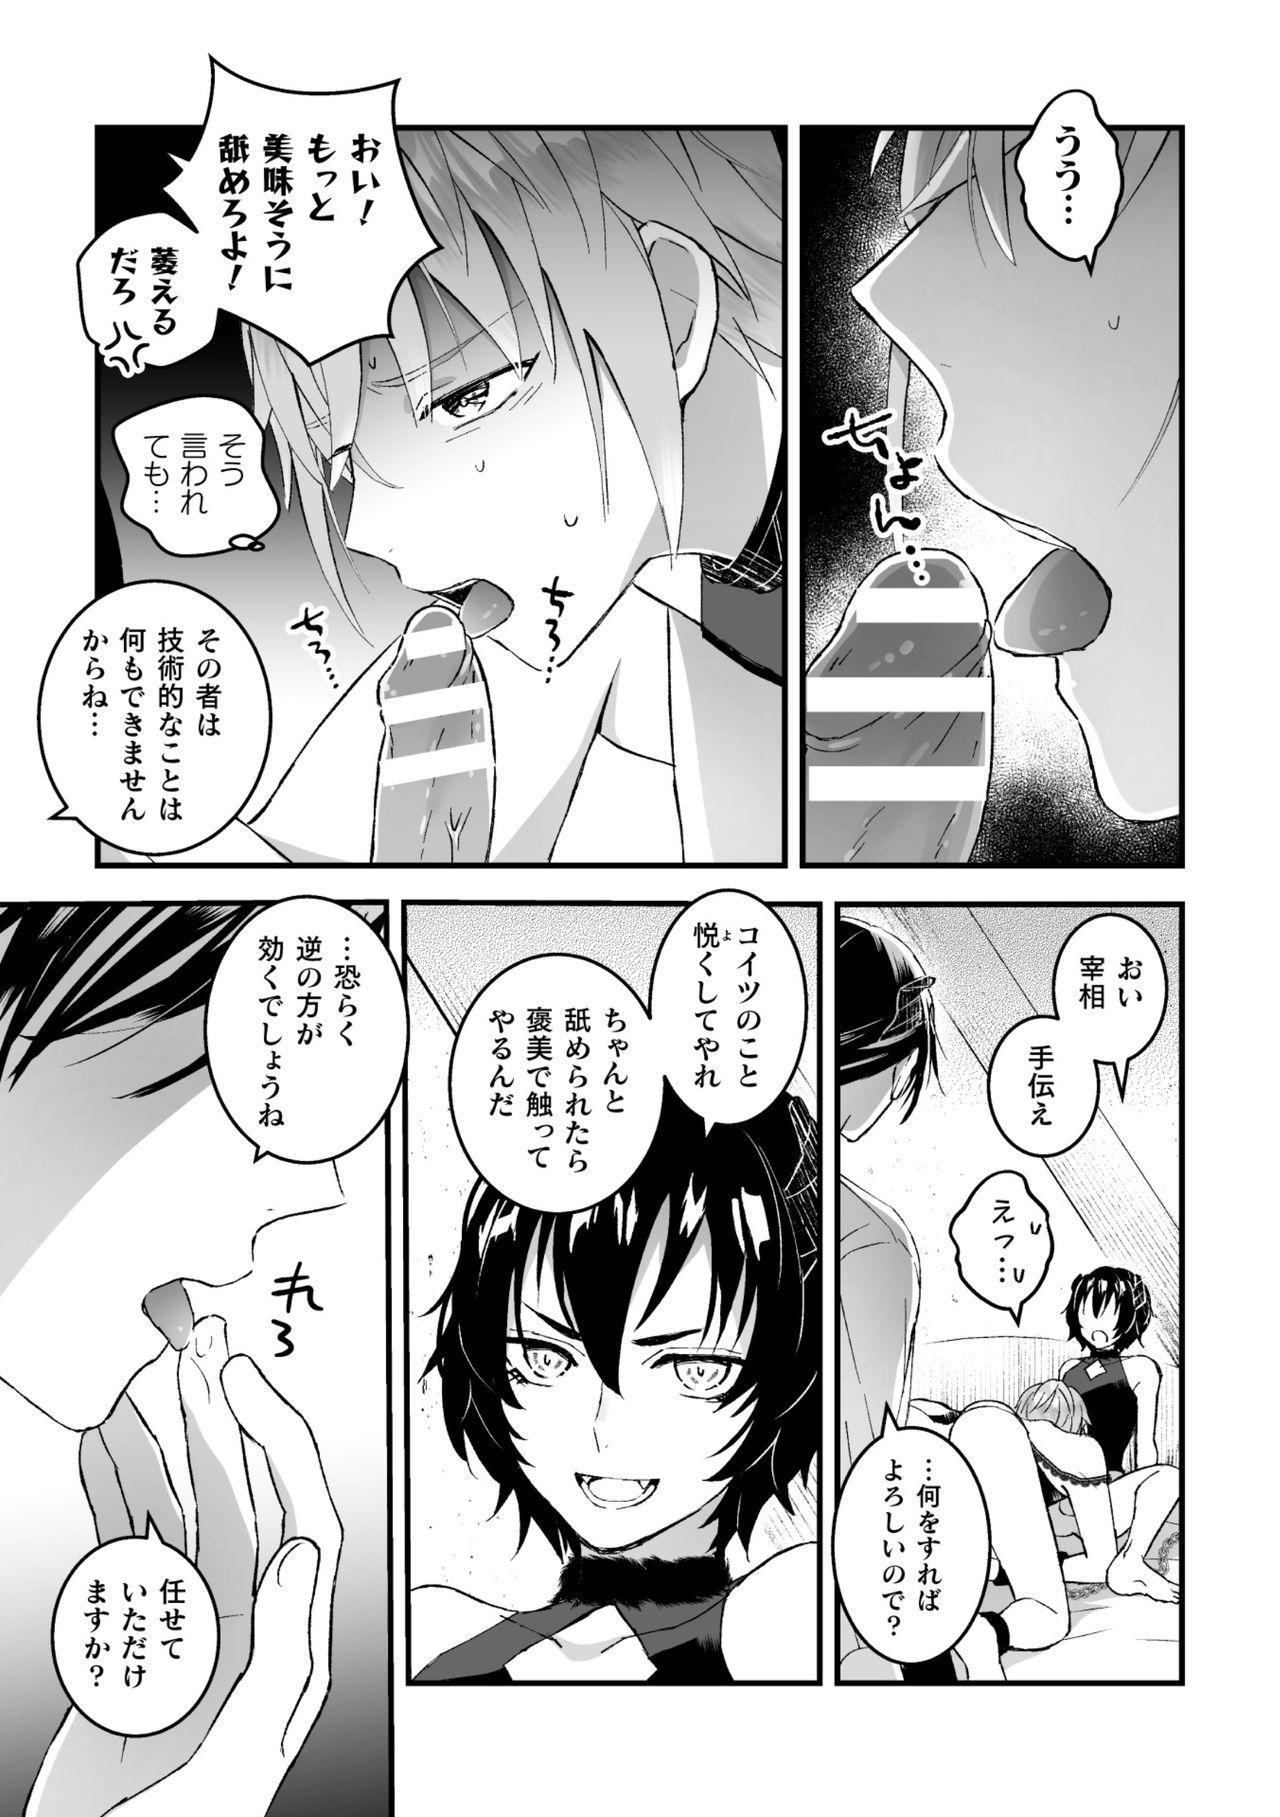 """Otoko Kishi ga """"Ku, Korose!"""" tte Iu kara Mesu Choukyou Shitemita Ch. 3 6"""